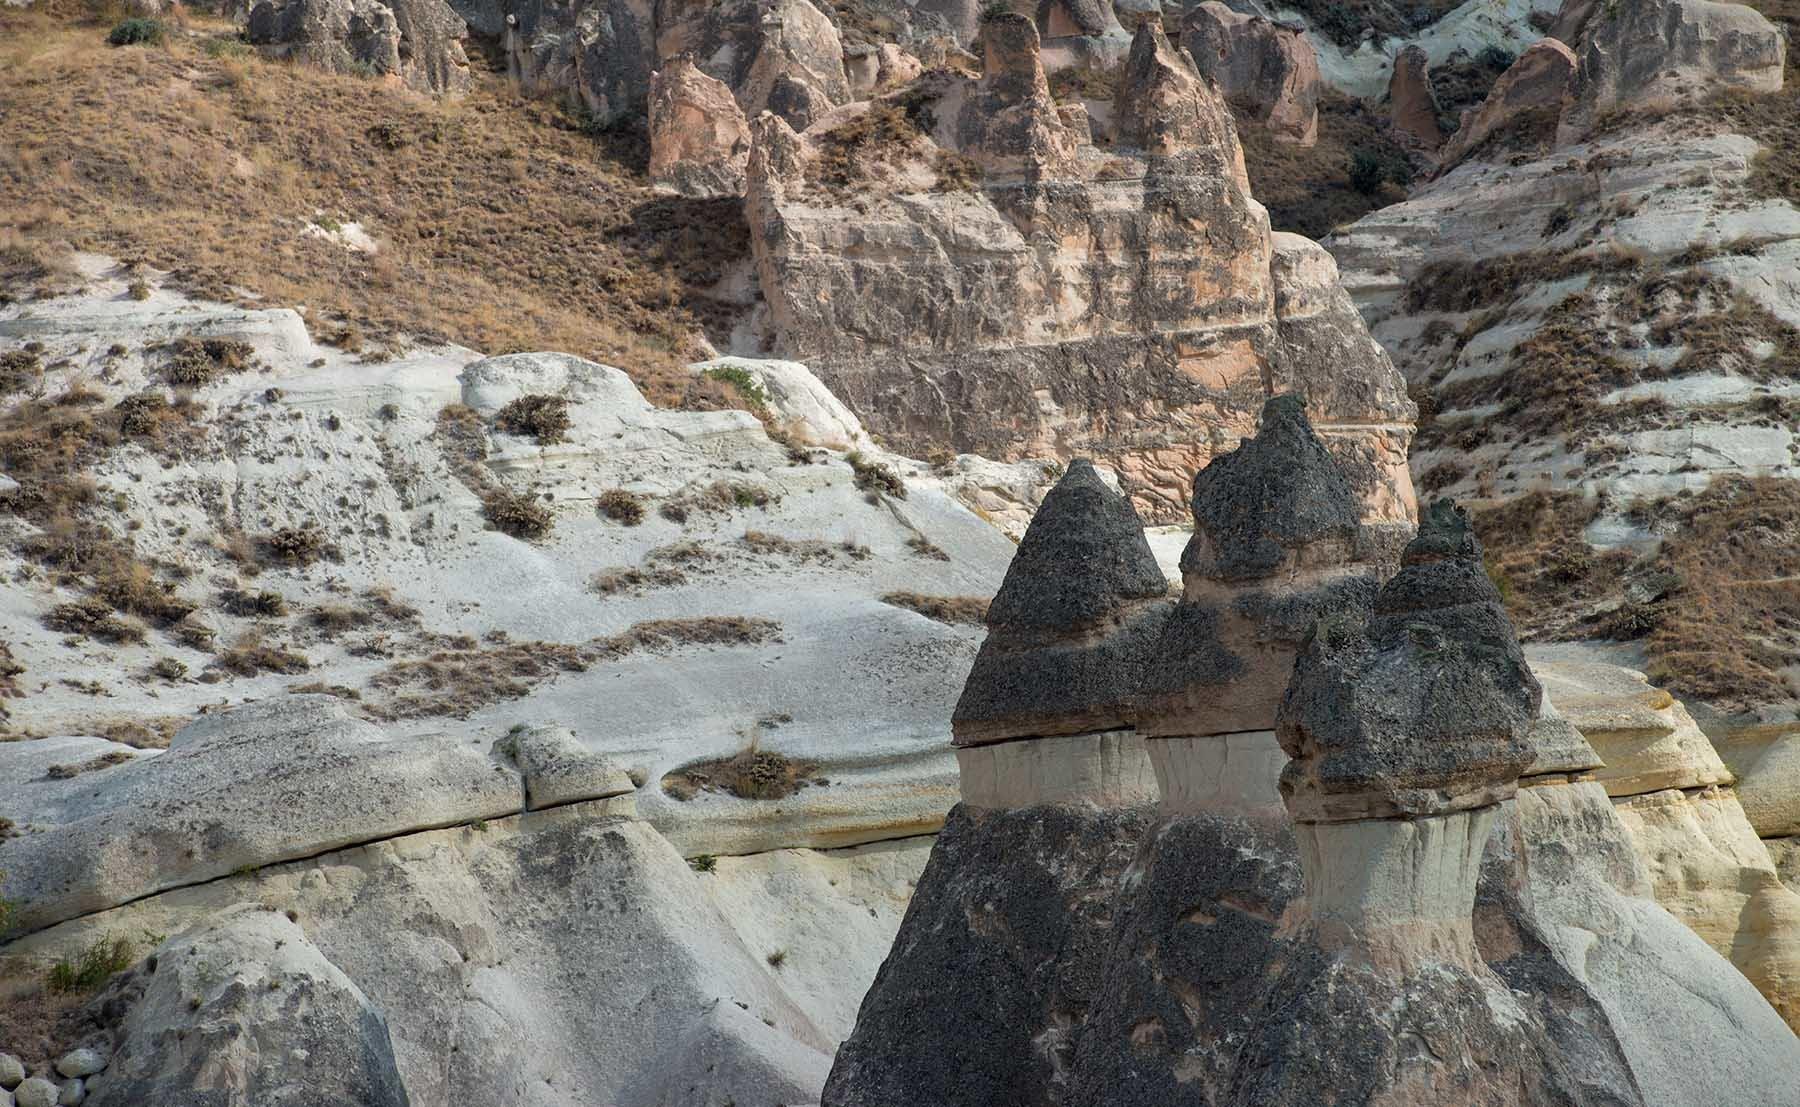 Skalne kominy w tureckiej Kapadocji